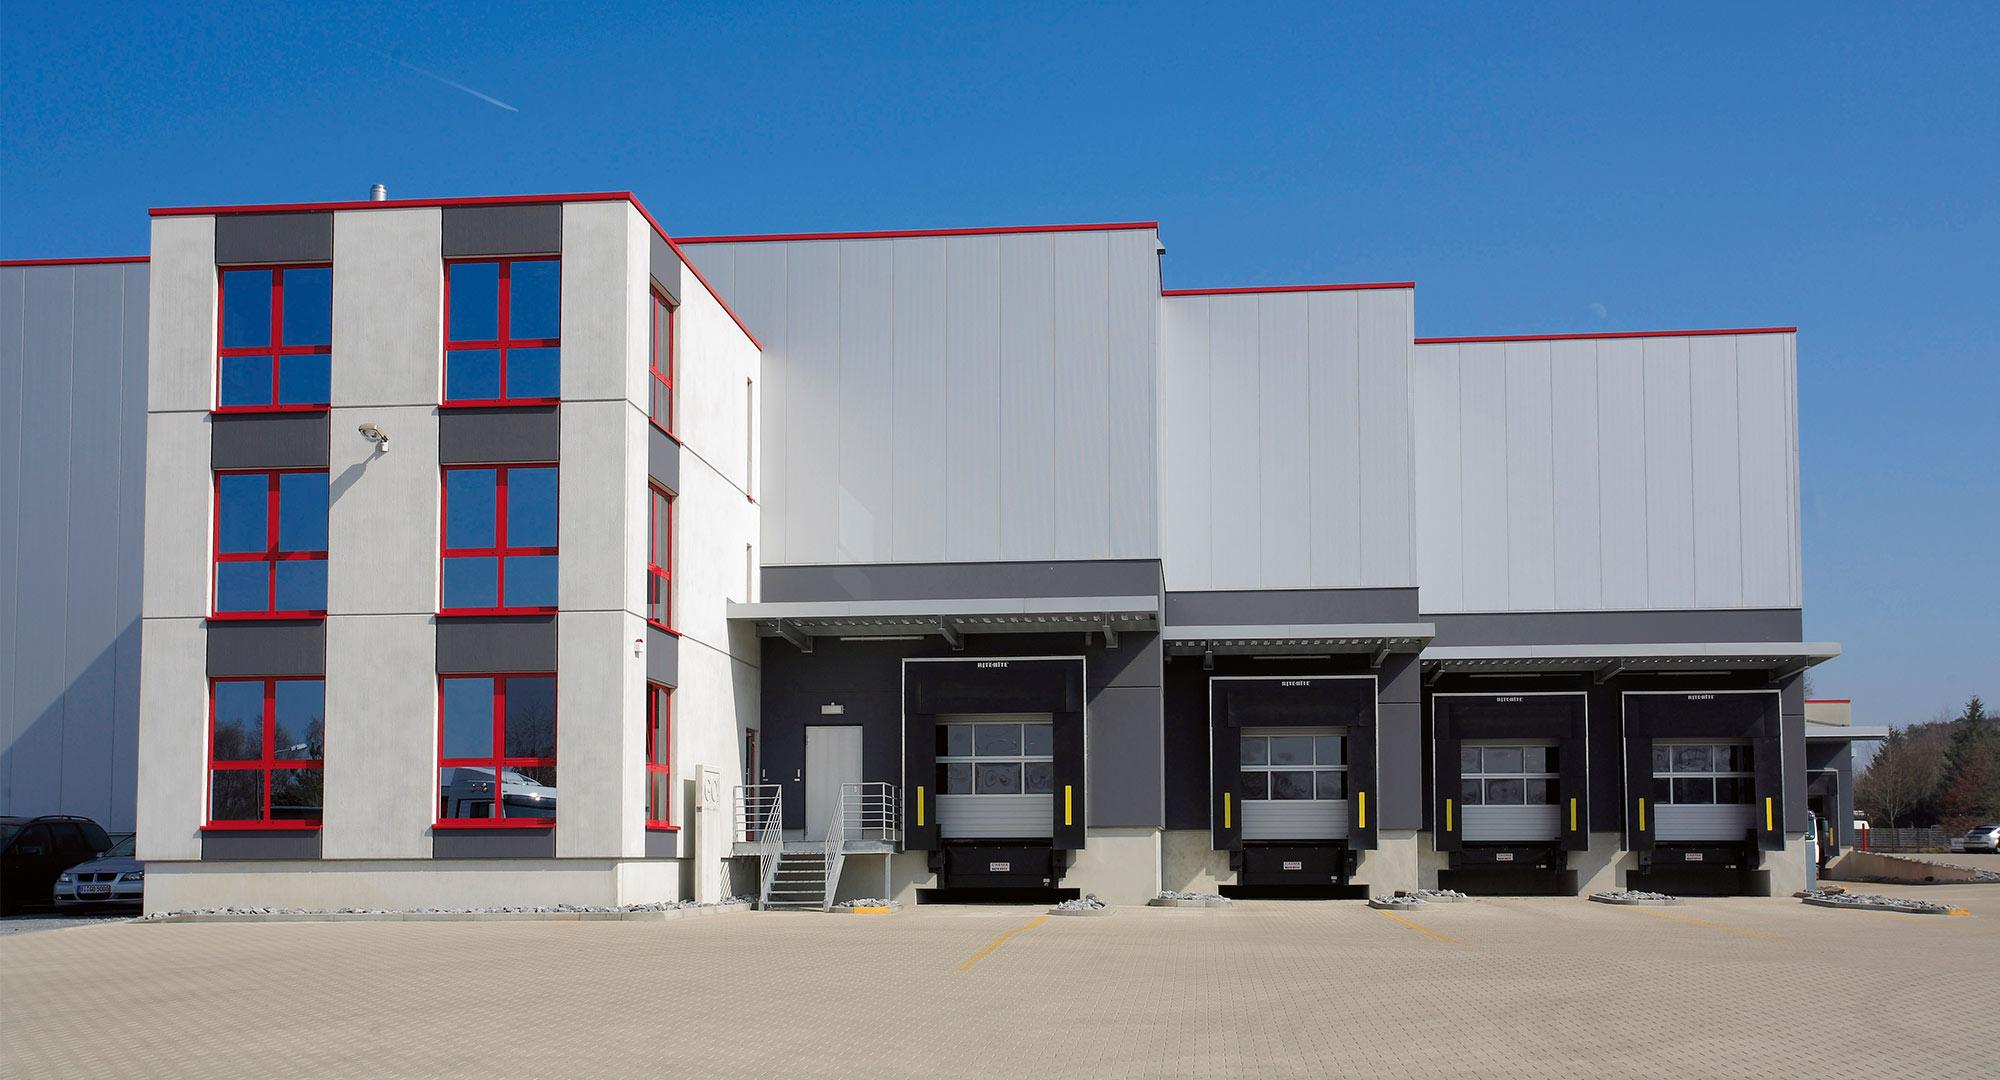 Referenzen - EUDUR-Bau | Industriebau, Fassaden ...